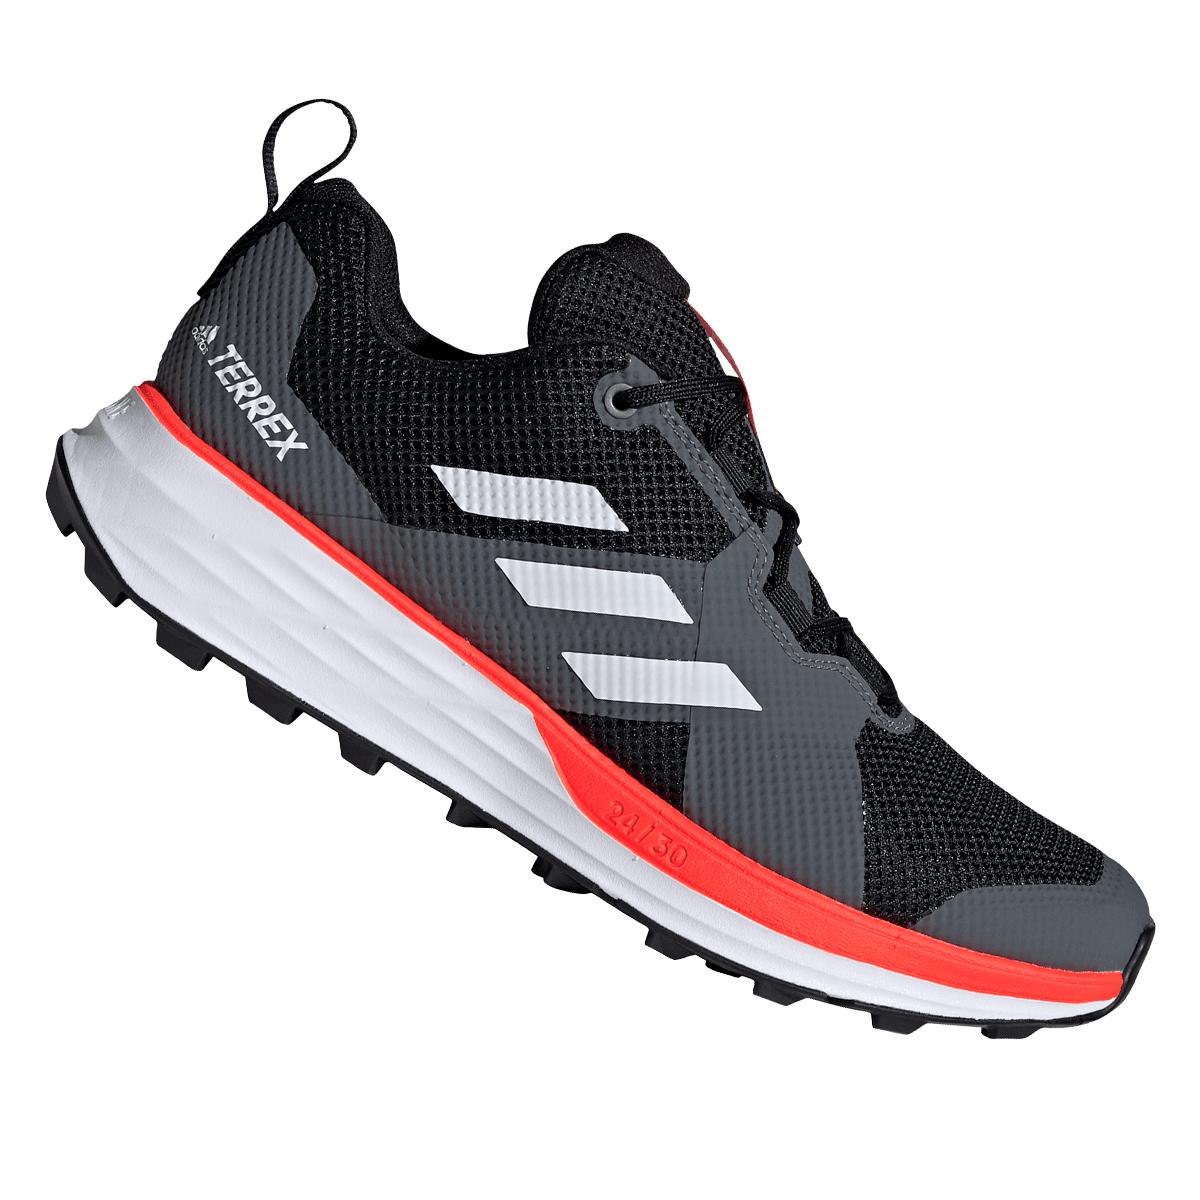 adidas Schuh Terrex Two schwarz/weiß (Größen 41 1/3 bis 46 2/3)